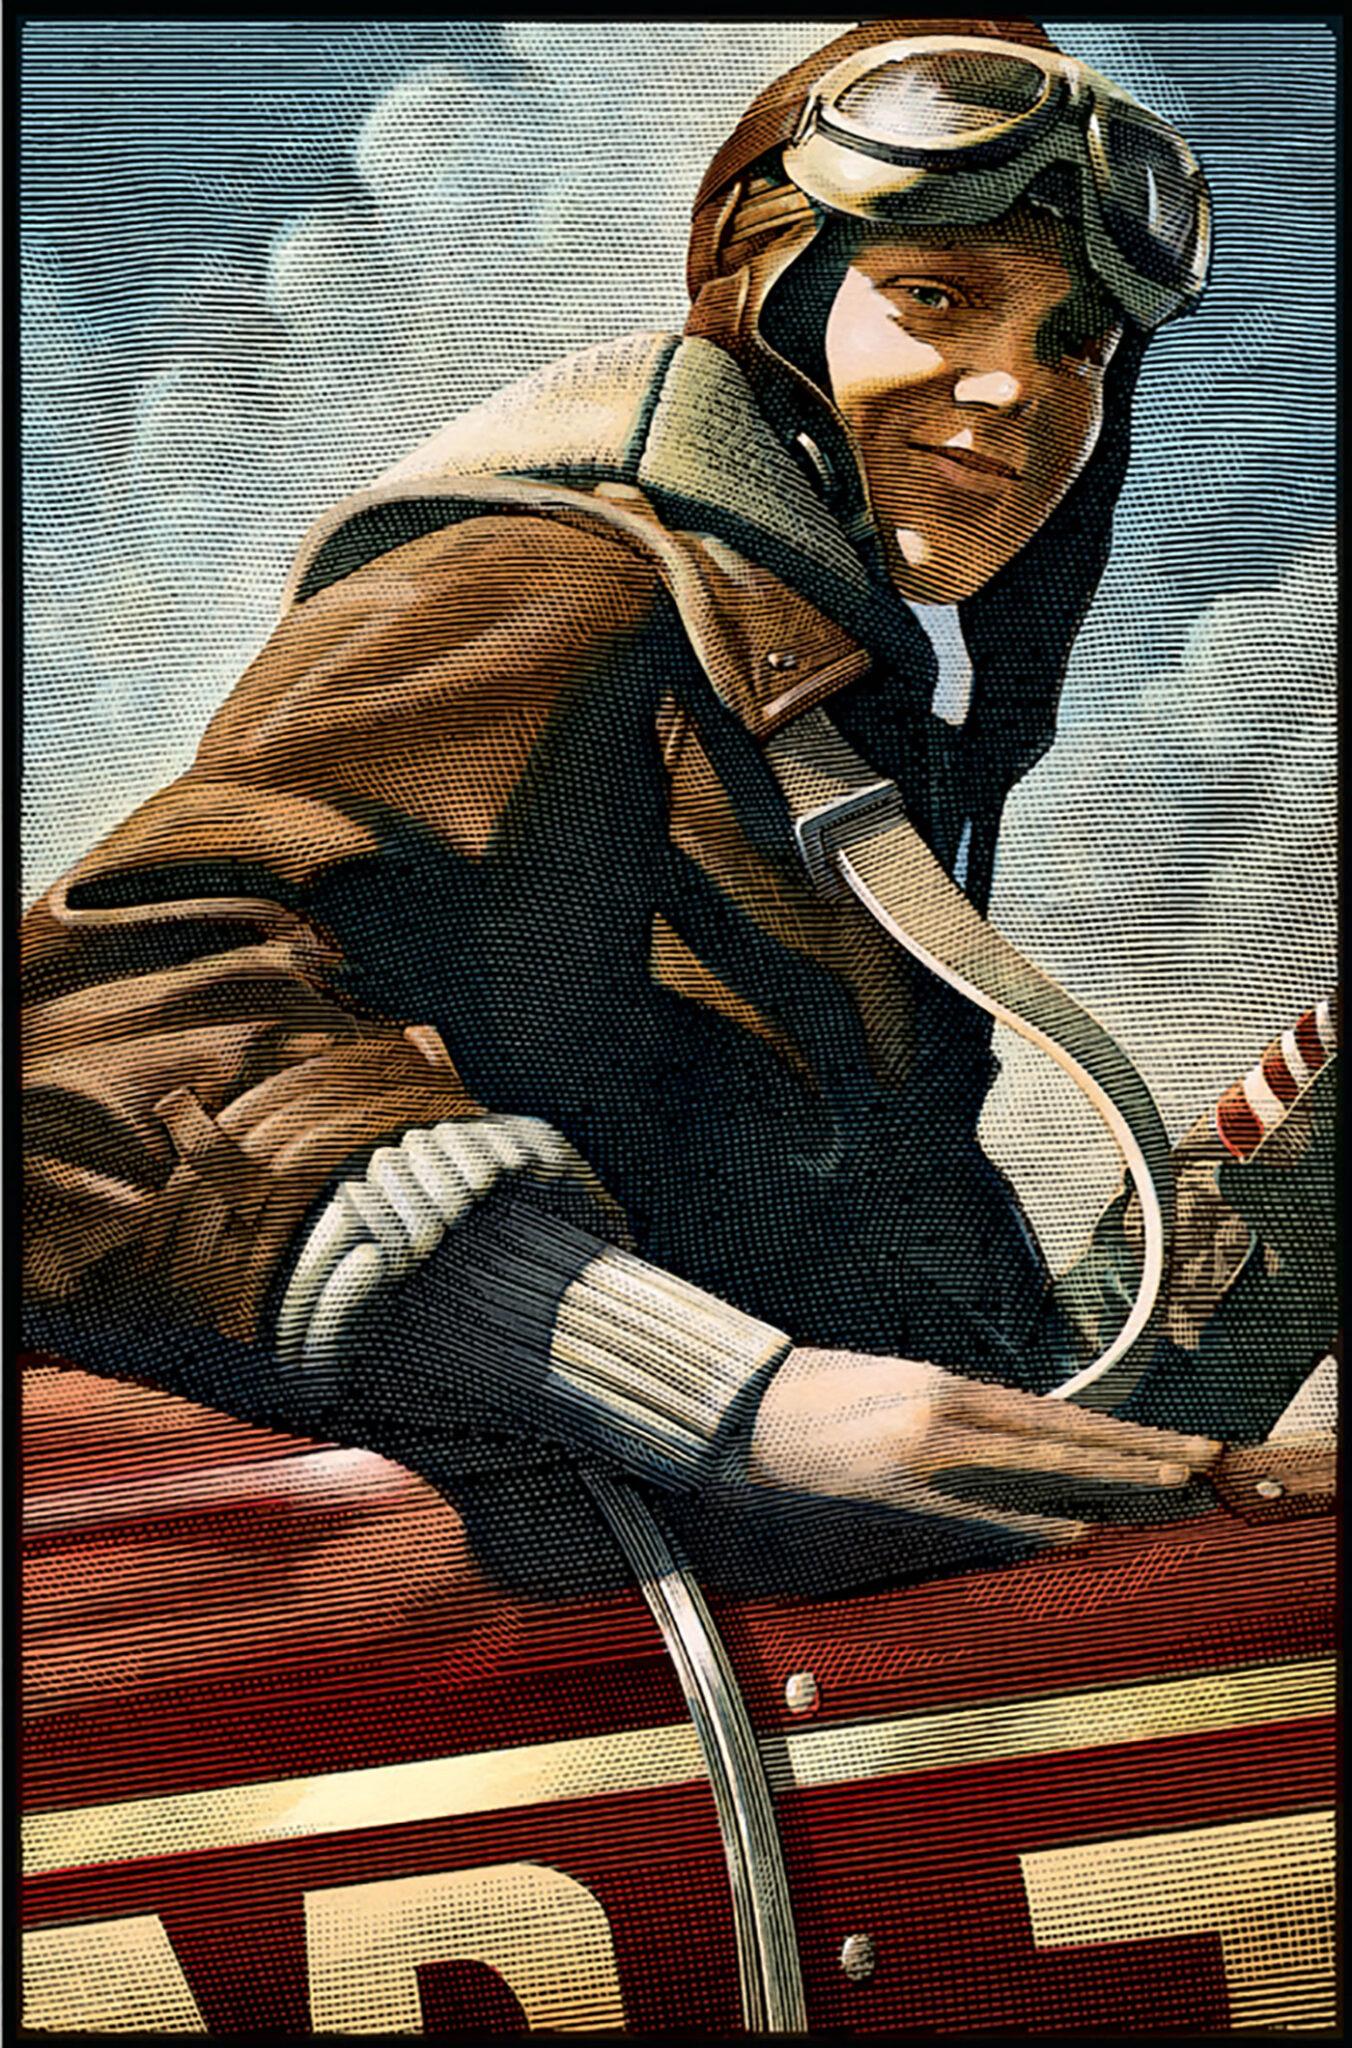 Richard Solomon - Mark-Summers-013-Amelia-Earhart